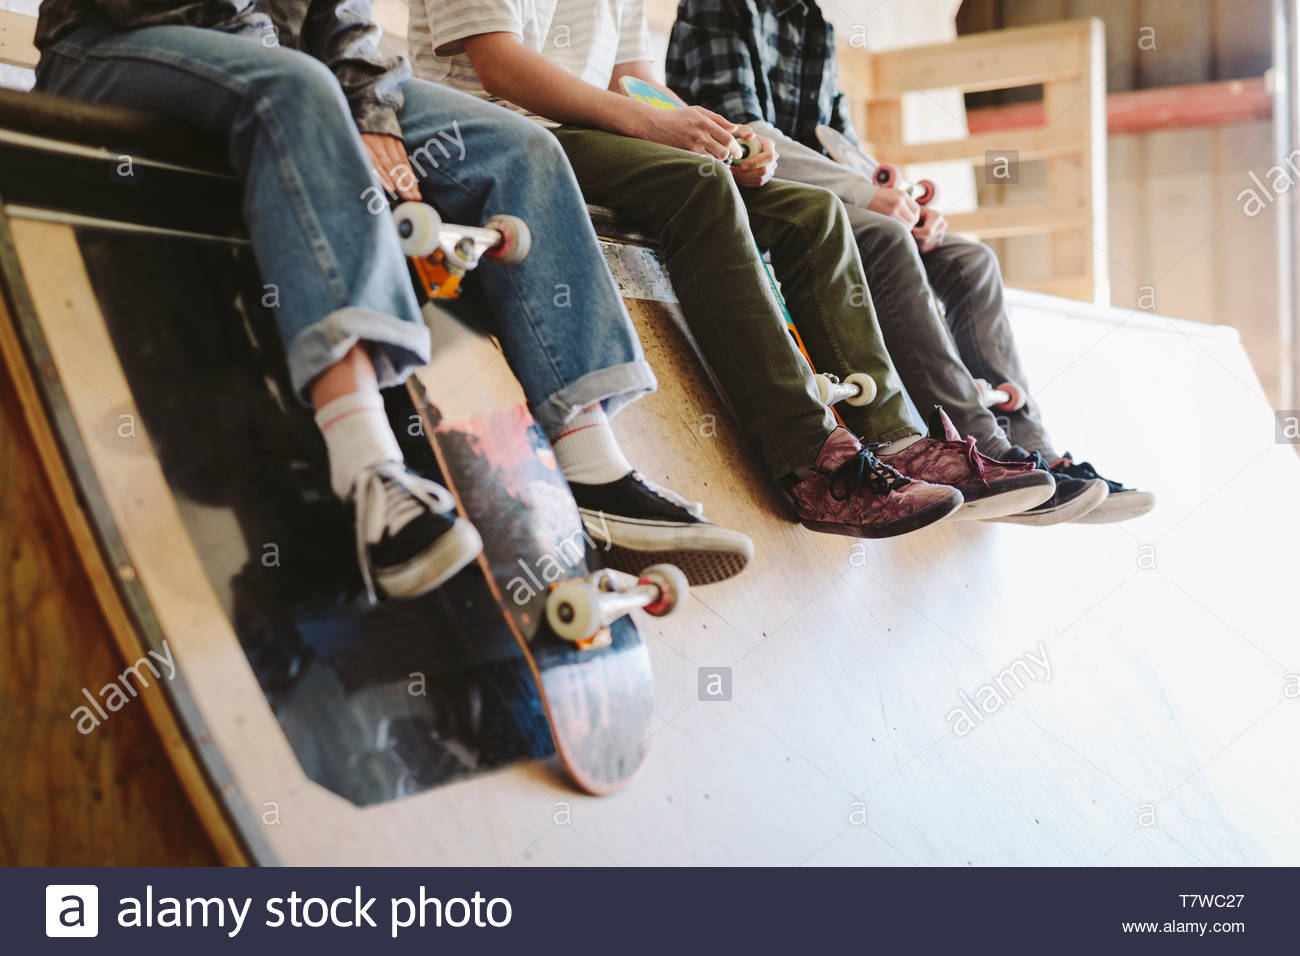 Freunde heraus hängen, oben auf der Rampe sitzen an indoor Skatepark Stockbild